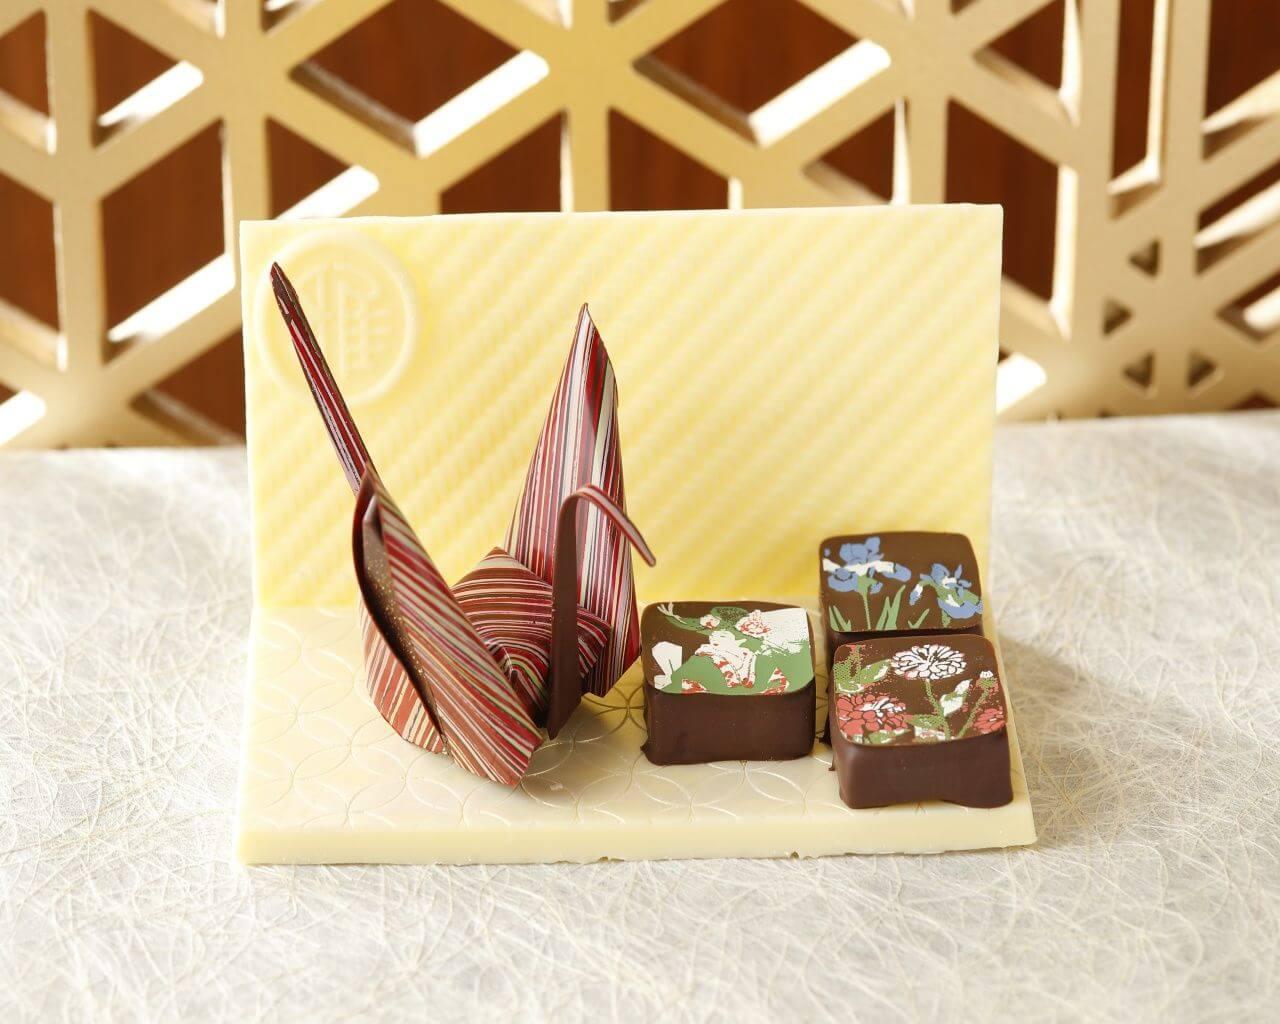 日本伴手禮新選擇!東京雅敘園酒店的日式藝術巧克力「紙鶴巧克力」 HOTEL雅敘園、手禮、